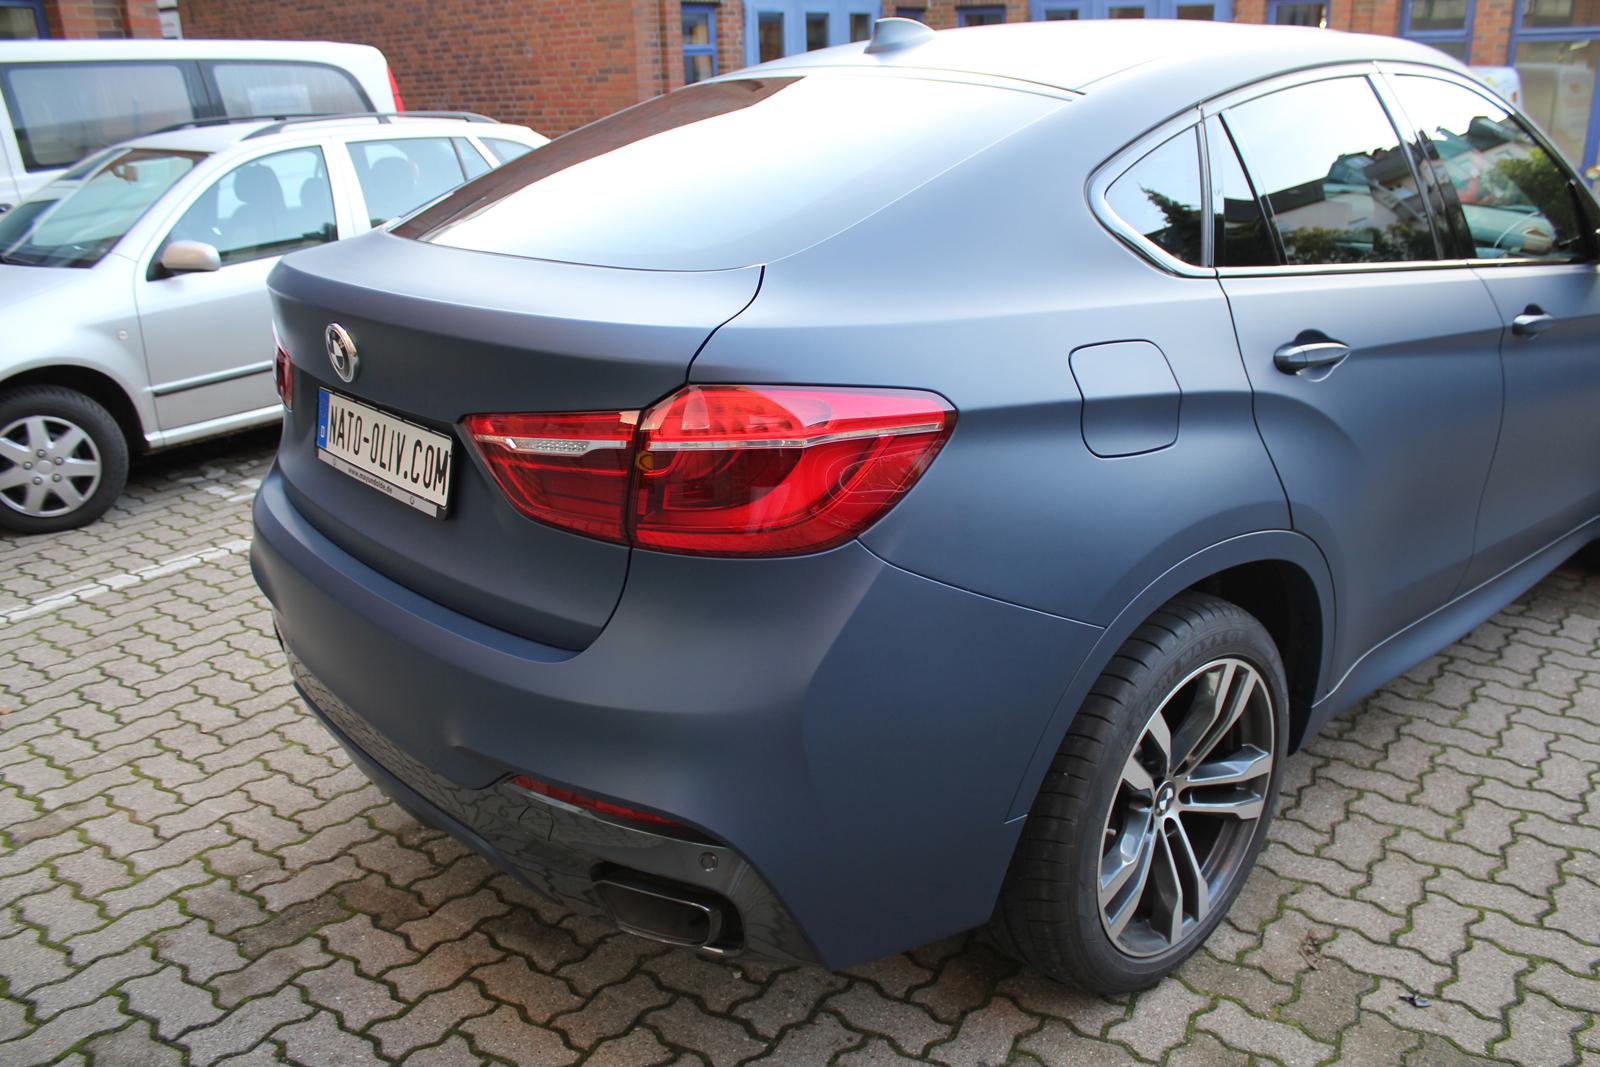 BMW_X6_CAR-WRAPPING_YACHTBLAU_MATT_04